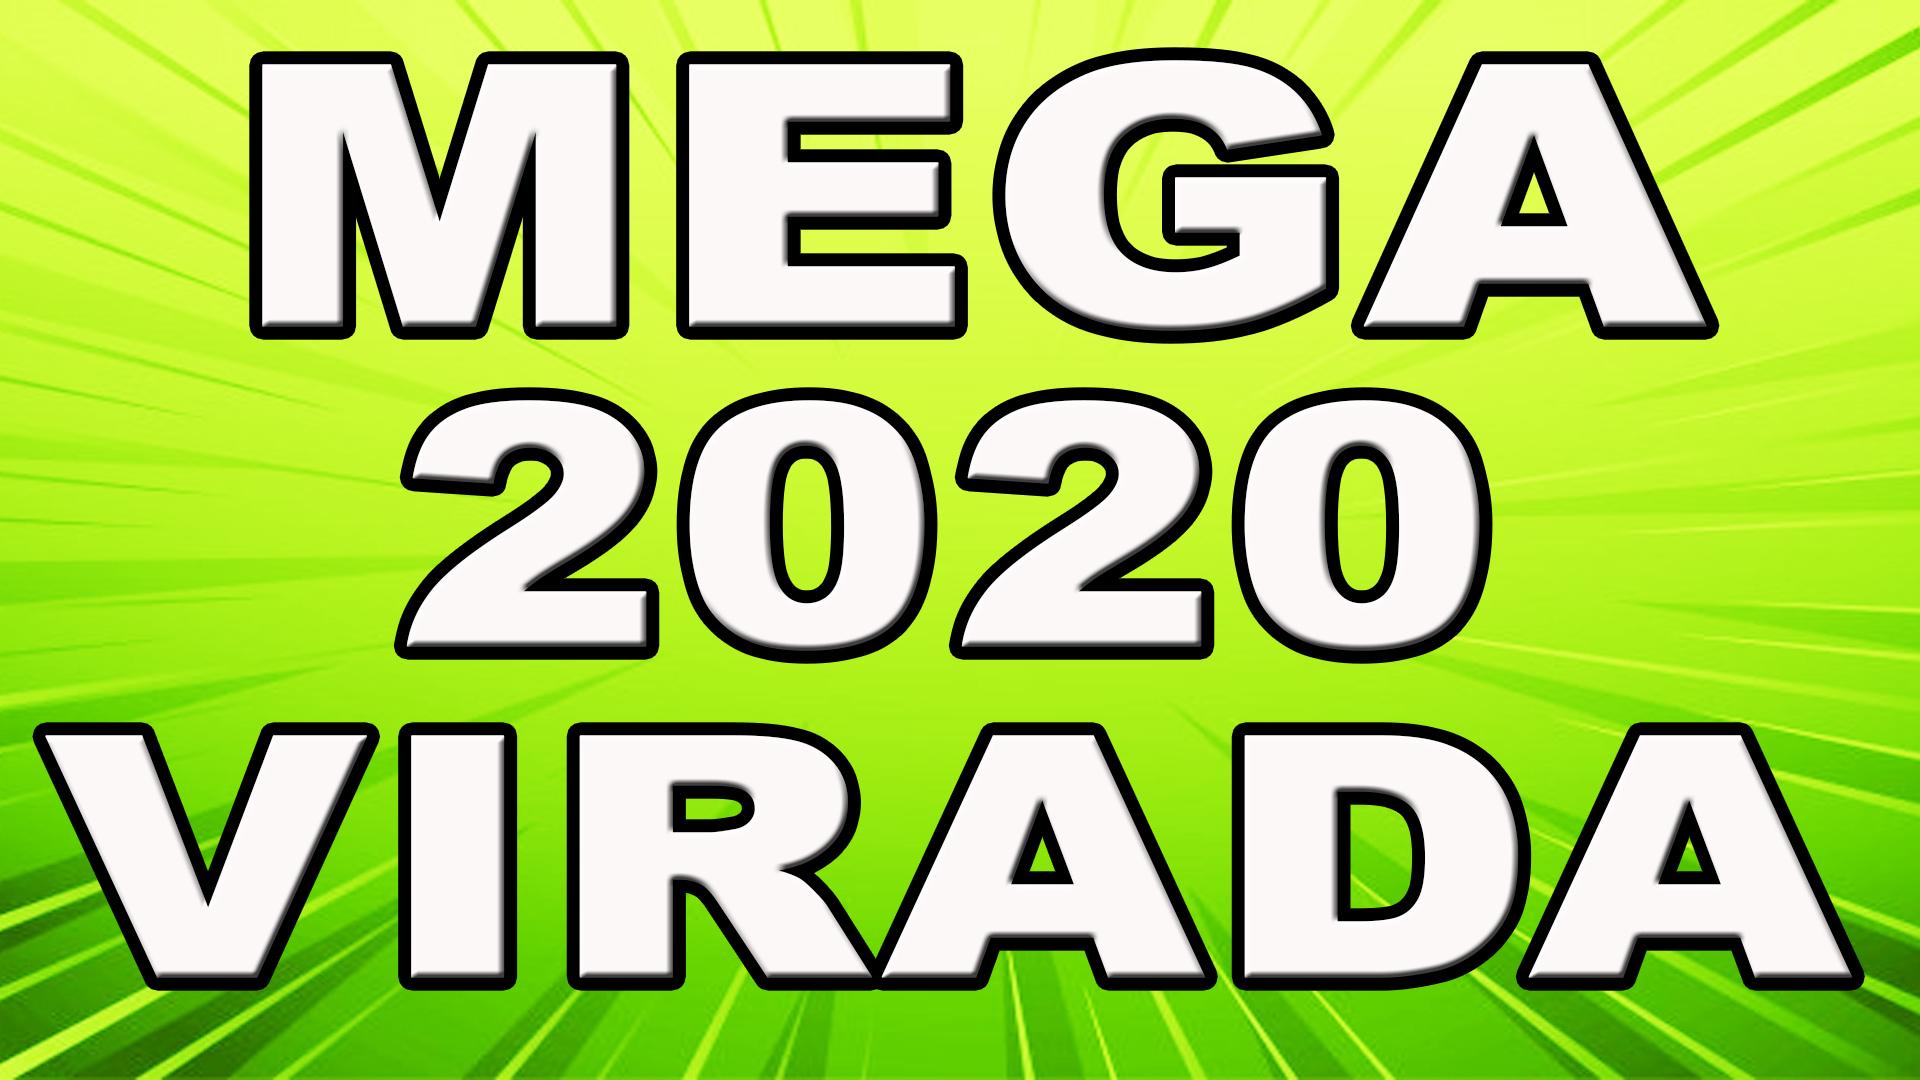 Mega da Virada 2020 – Números sorteados, ganhadores, cidade e premiação